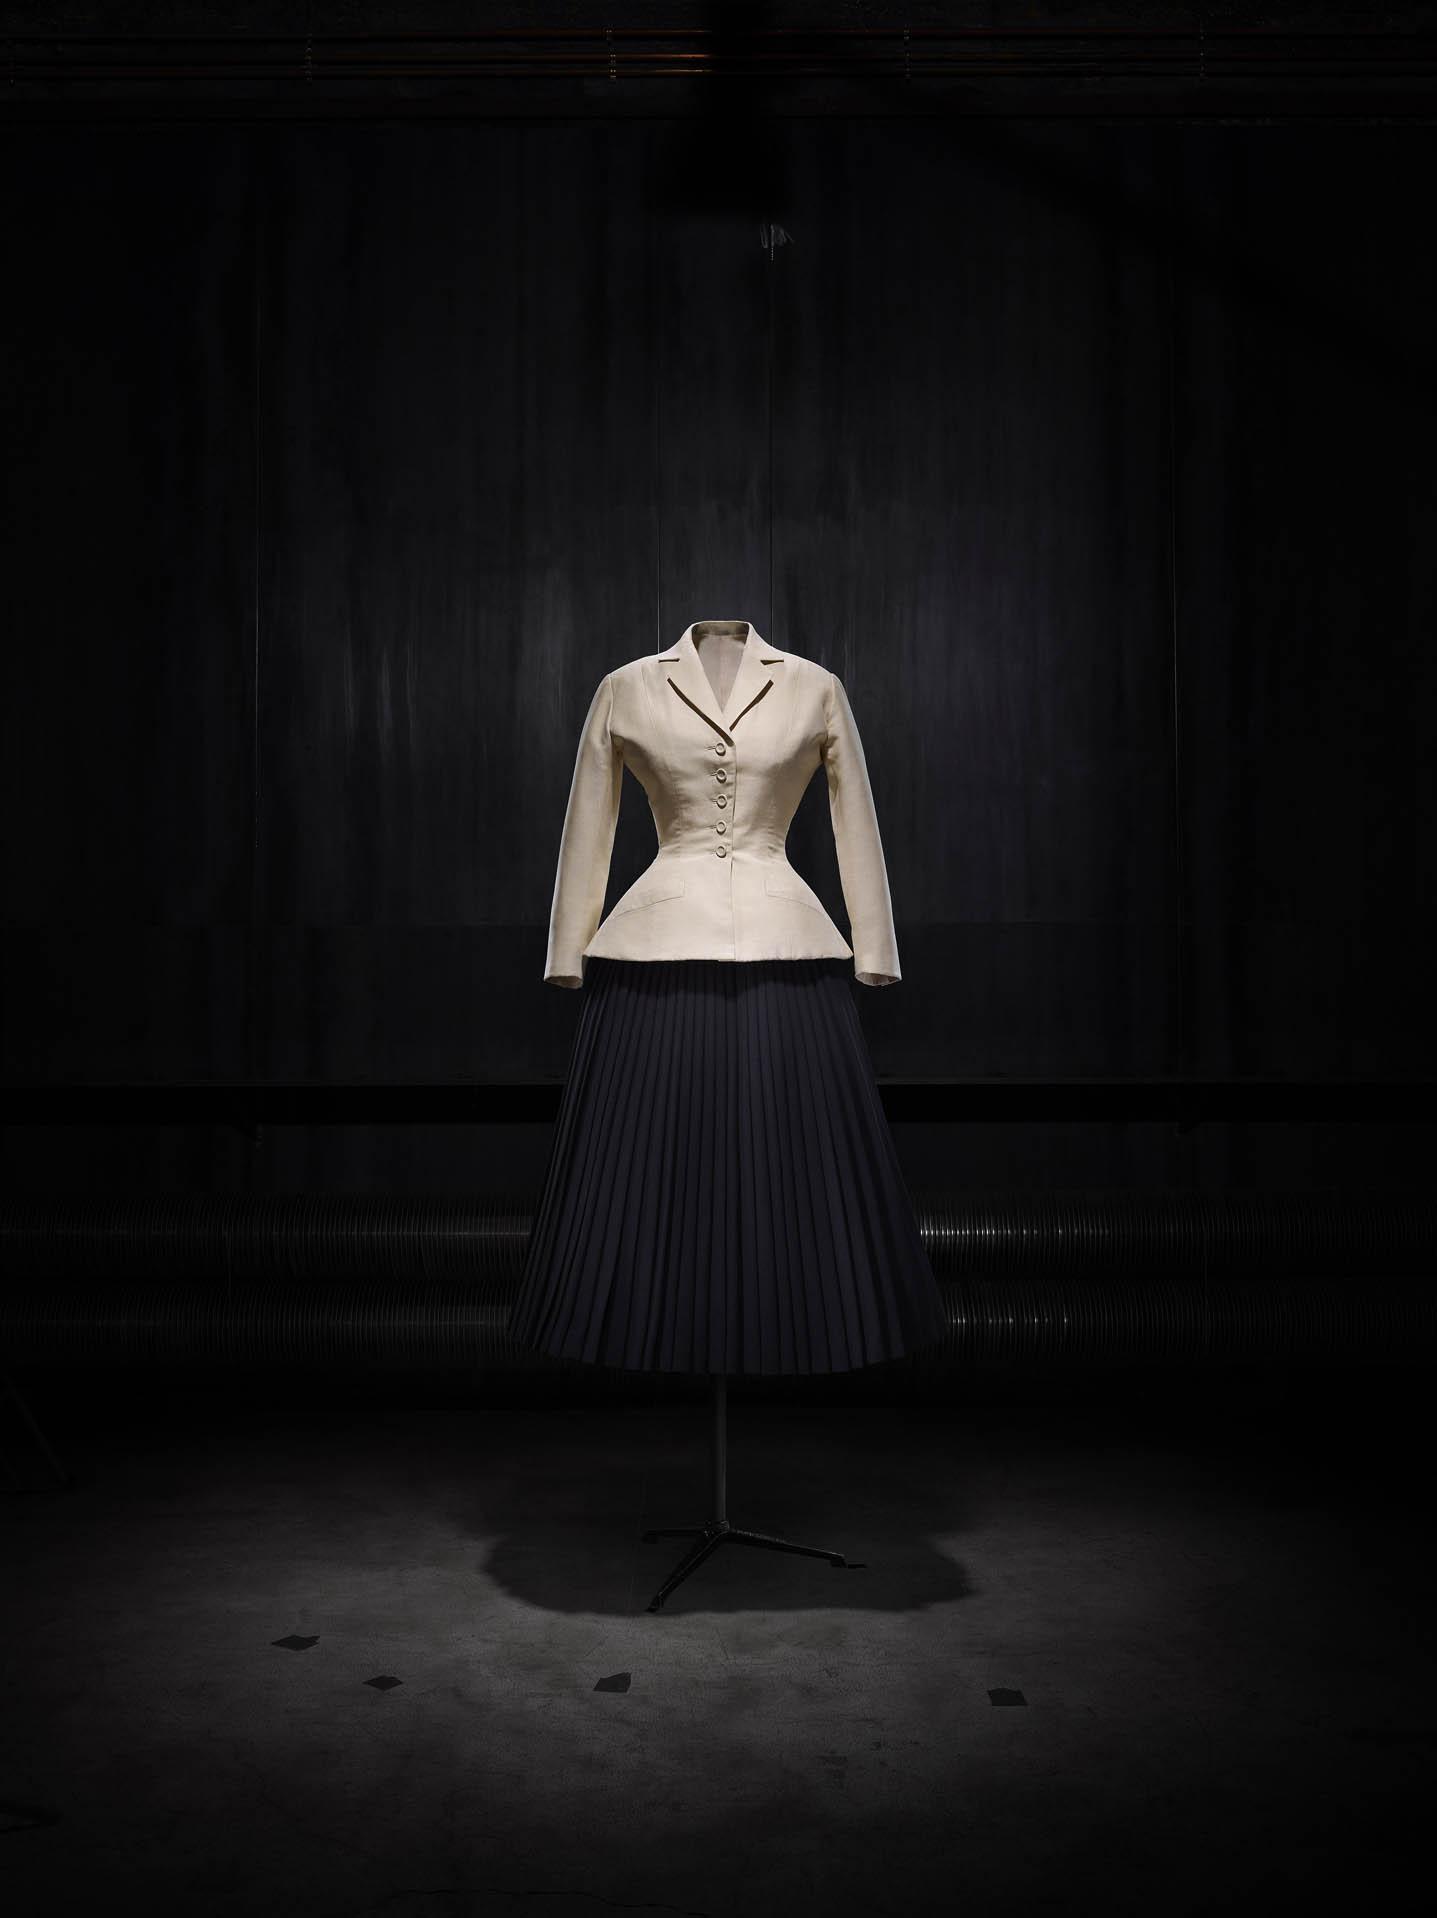 Hơn 70 năm qua nhưng thiết kế nằm trong BST New Look vẫn gây được ấn tượng. Ảnh: Dior